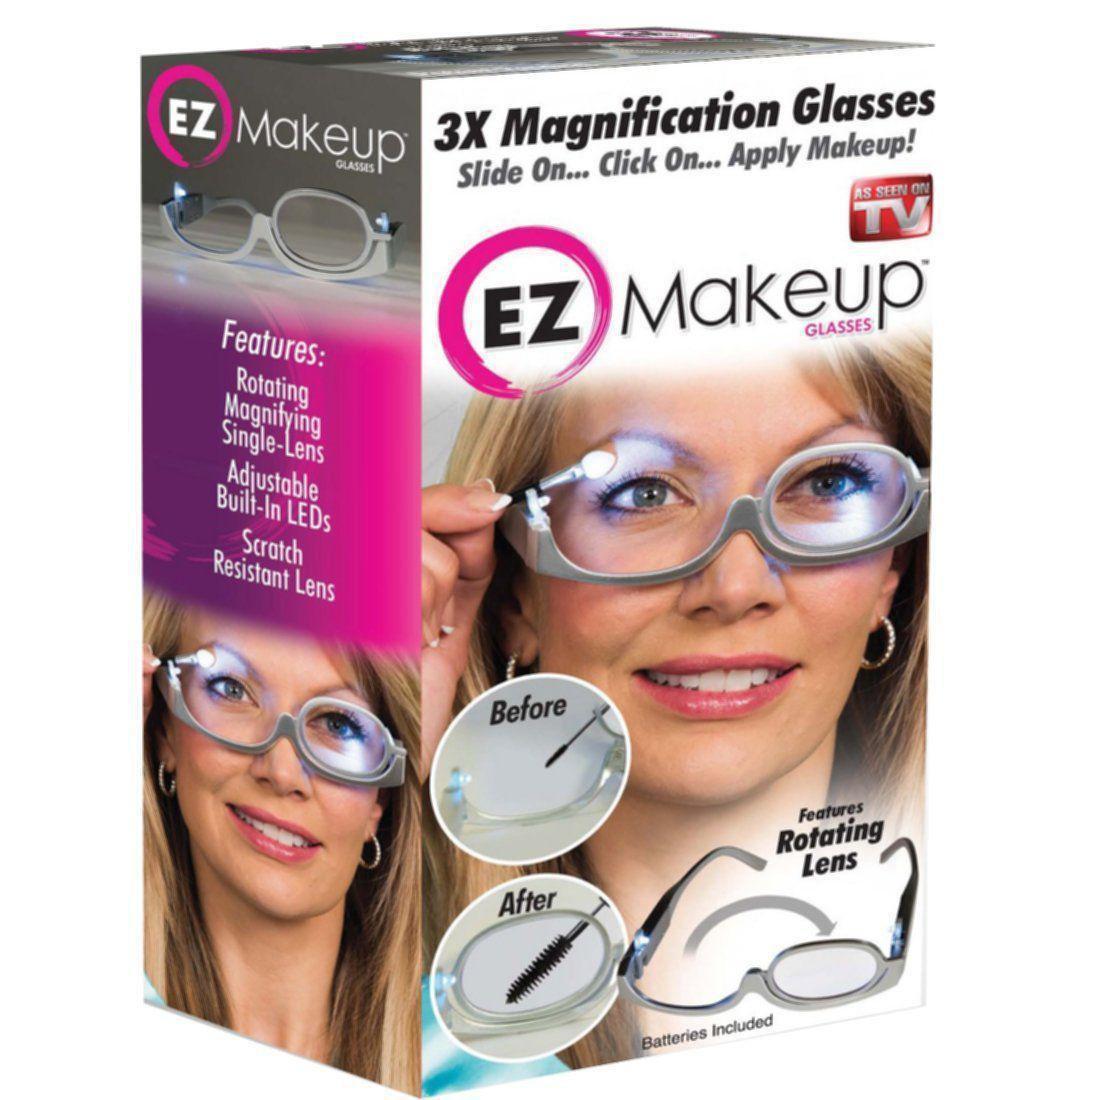 Очки для нанесения макияжа с подсветкой/Окуляри для нанесення макіяжу з підсві 3X Magnification makeup glasses